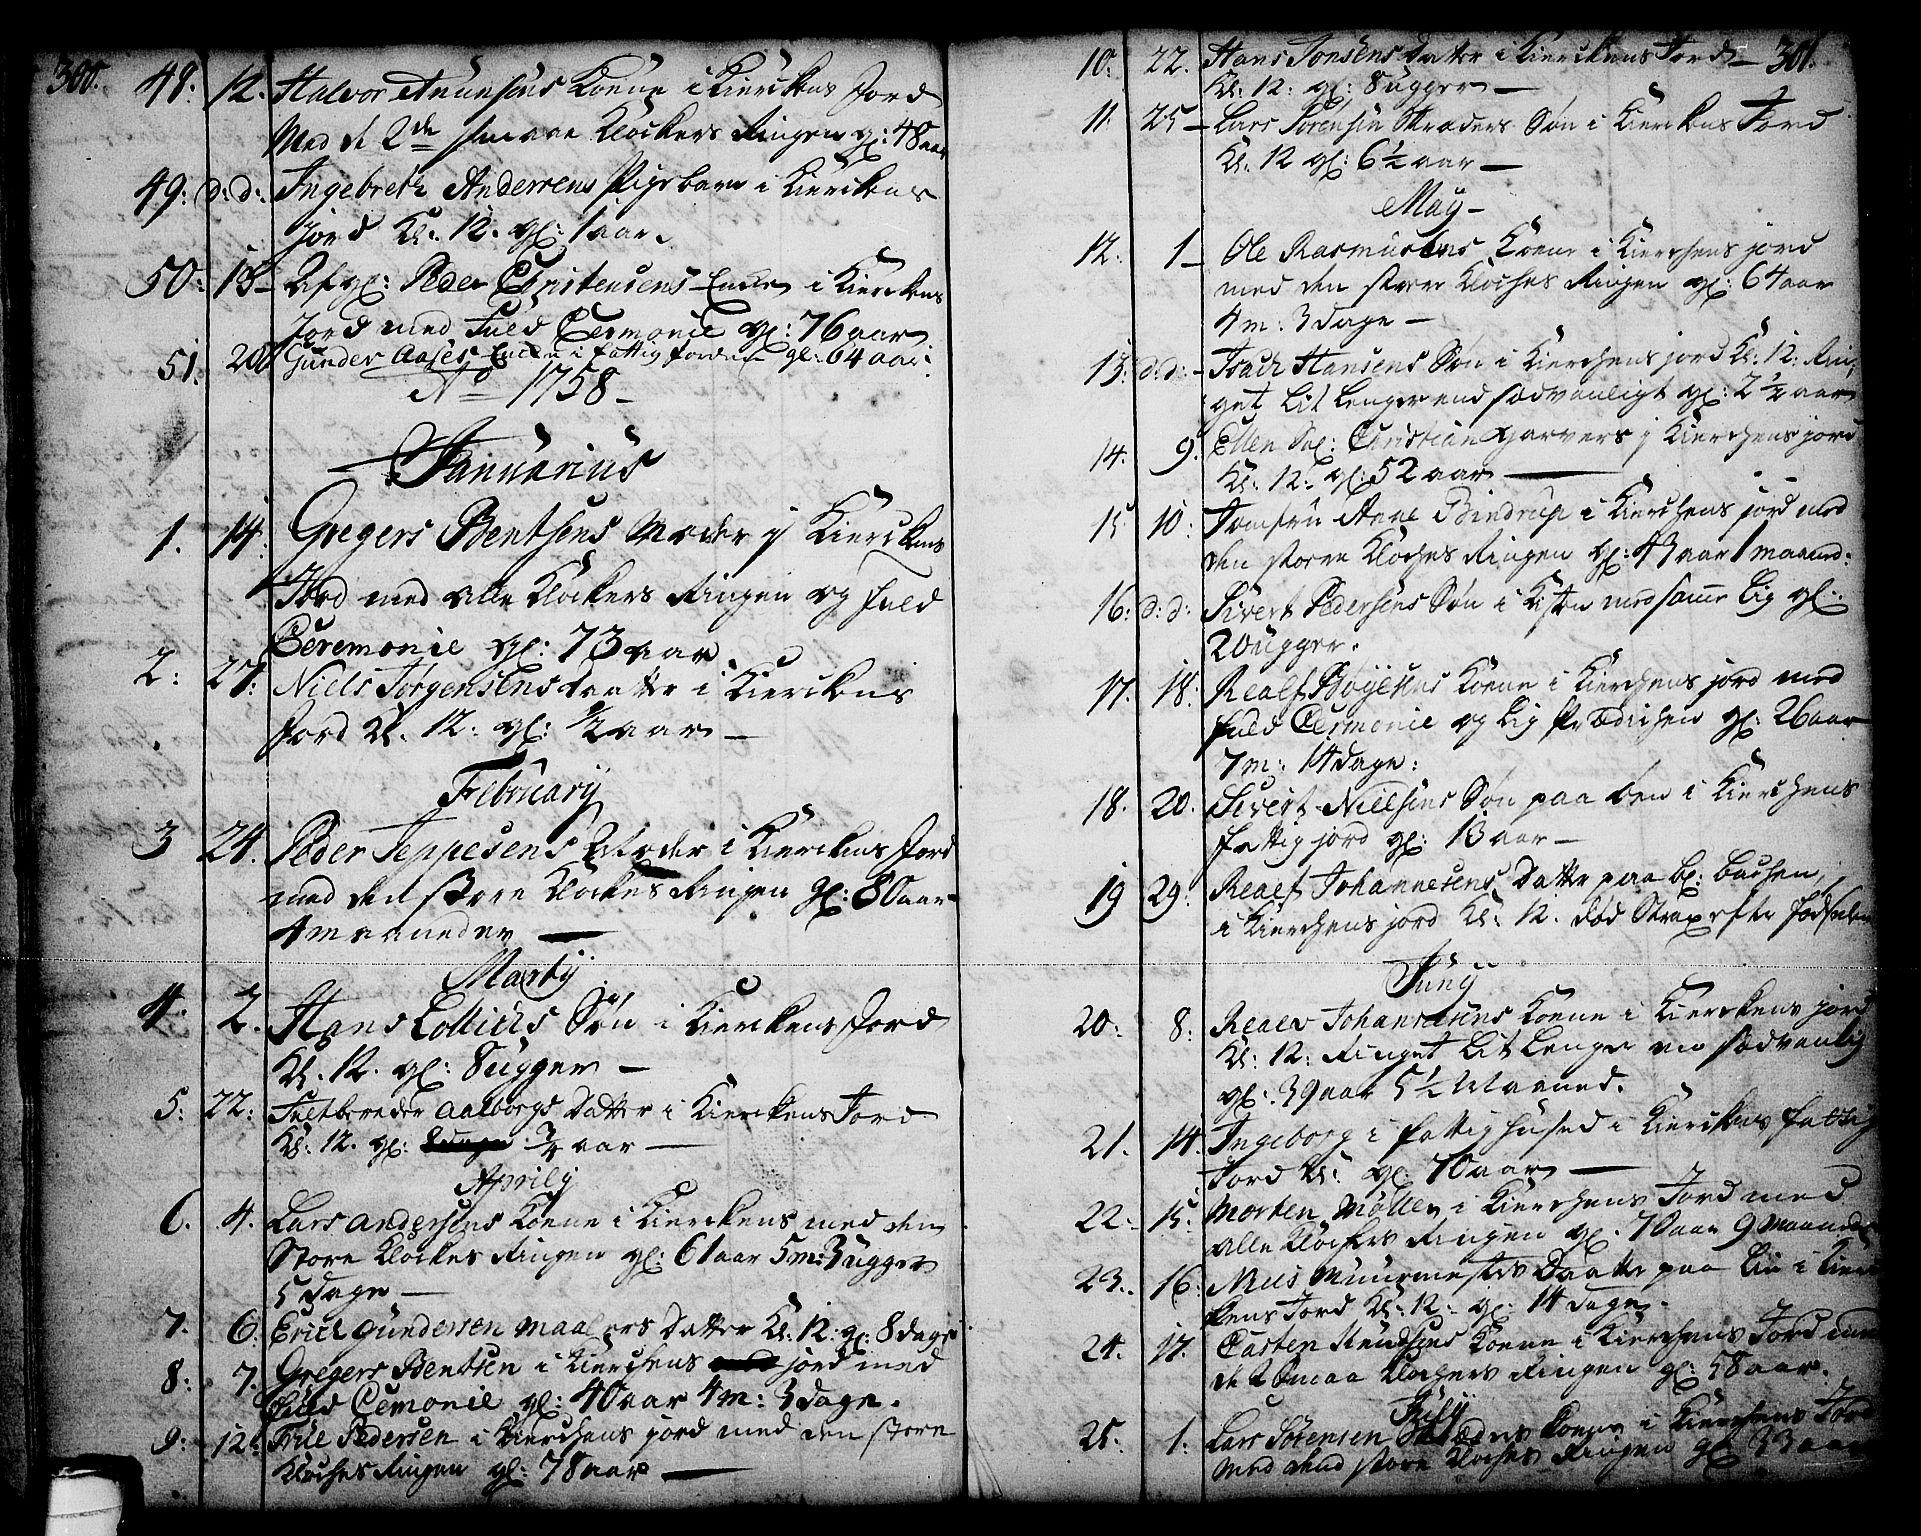 SAKO, Skien kirkebøker, F/Fa/L0003: Ministerialbok nr. 3, 1755-1791, s. 300-301